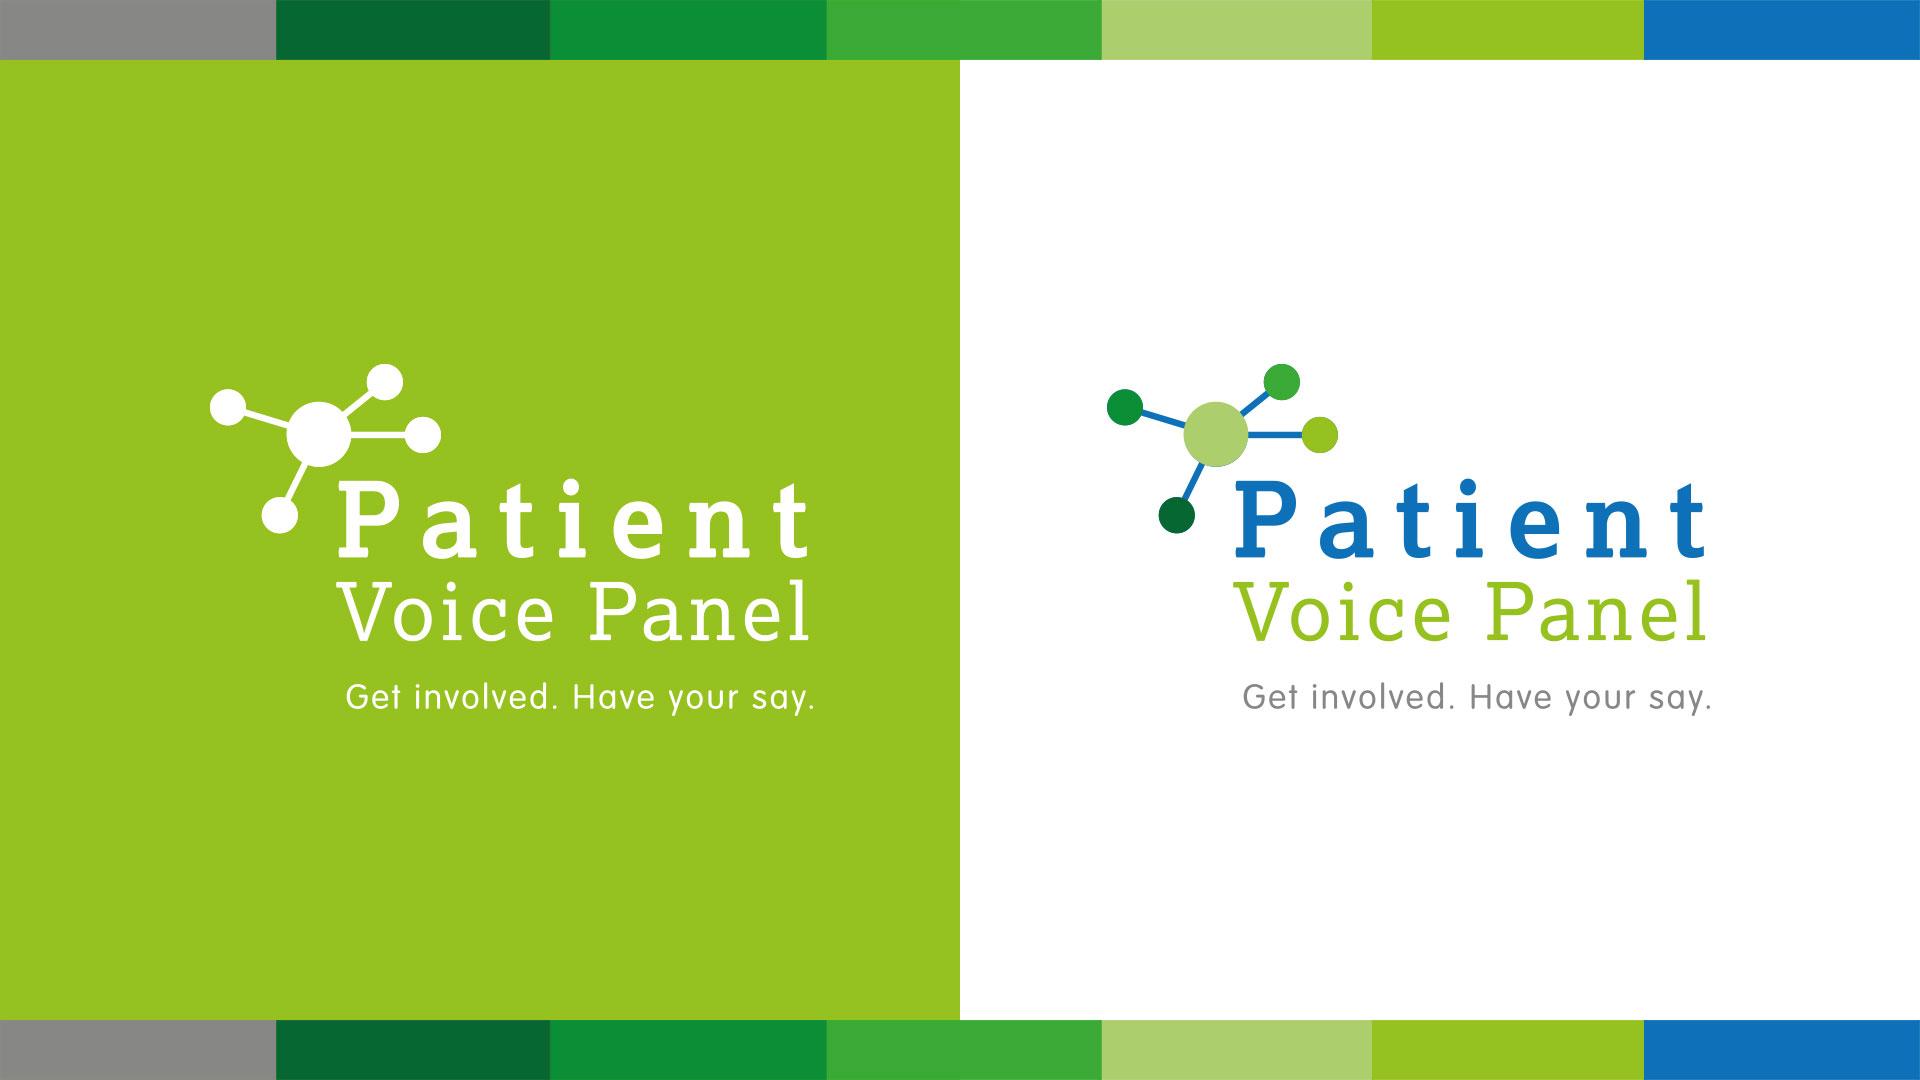 Patient Voice branding